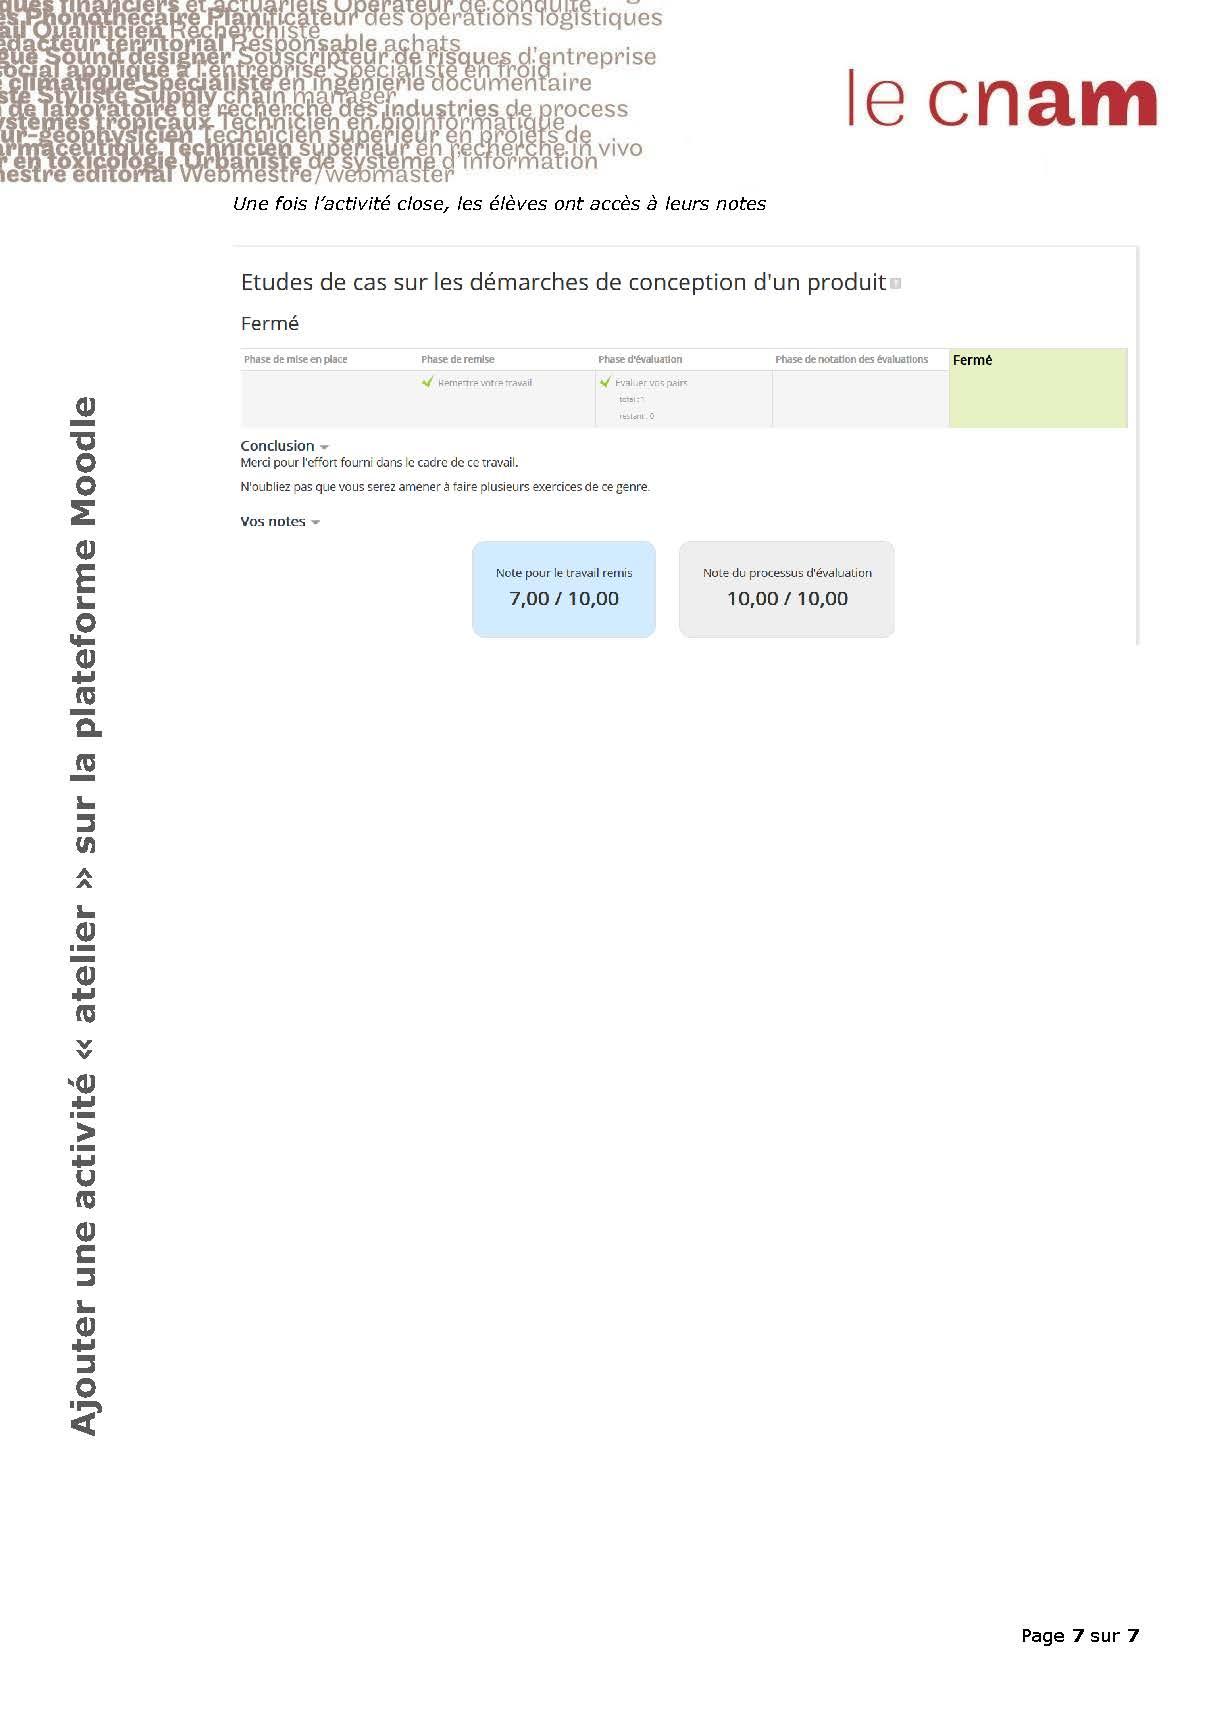 Ajouter_une_activité_atelier_sur_Moodle_Page_7